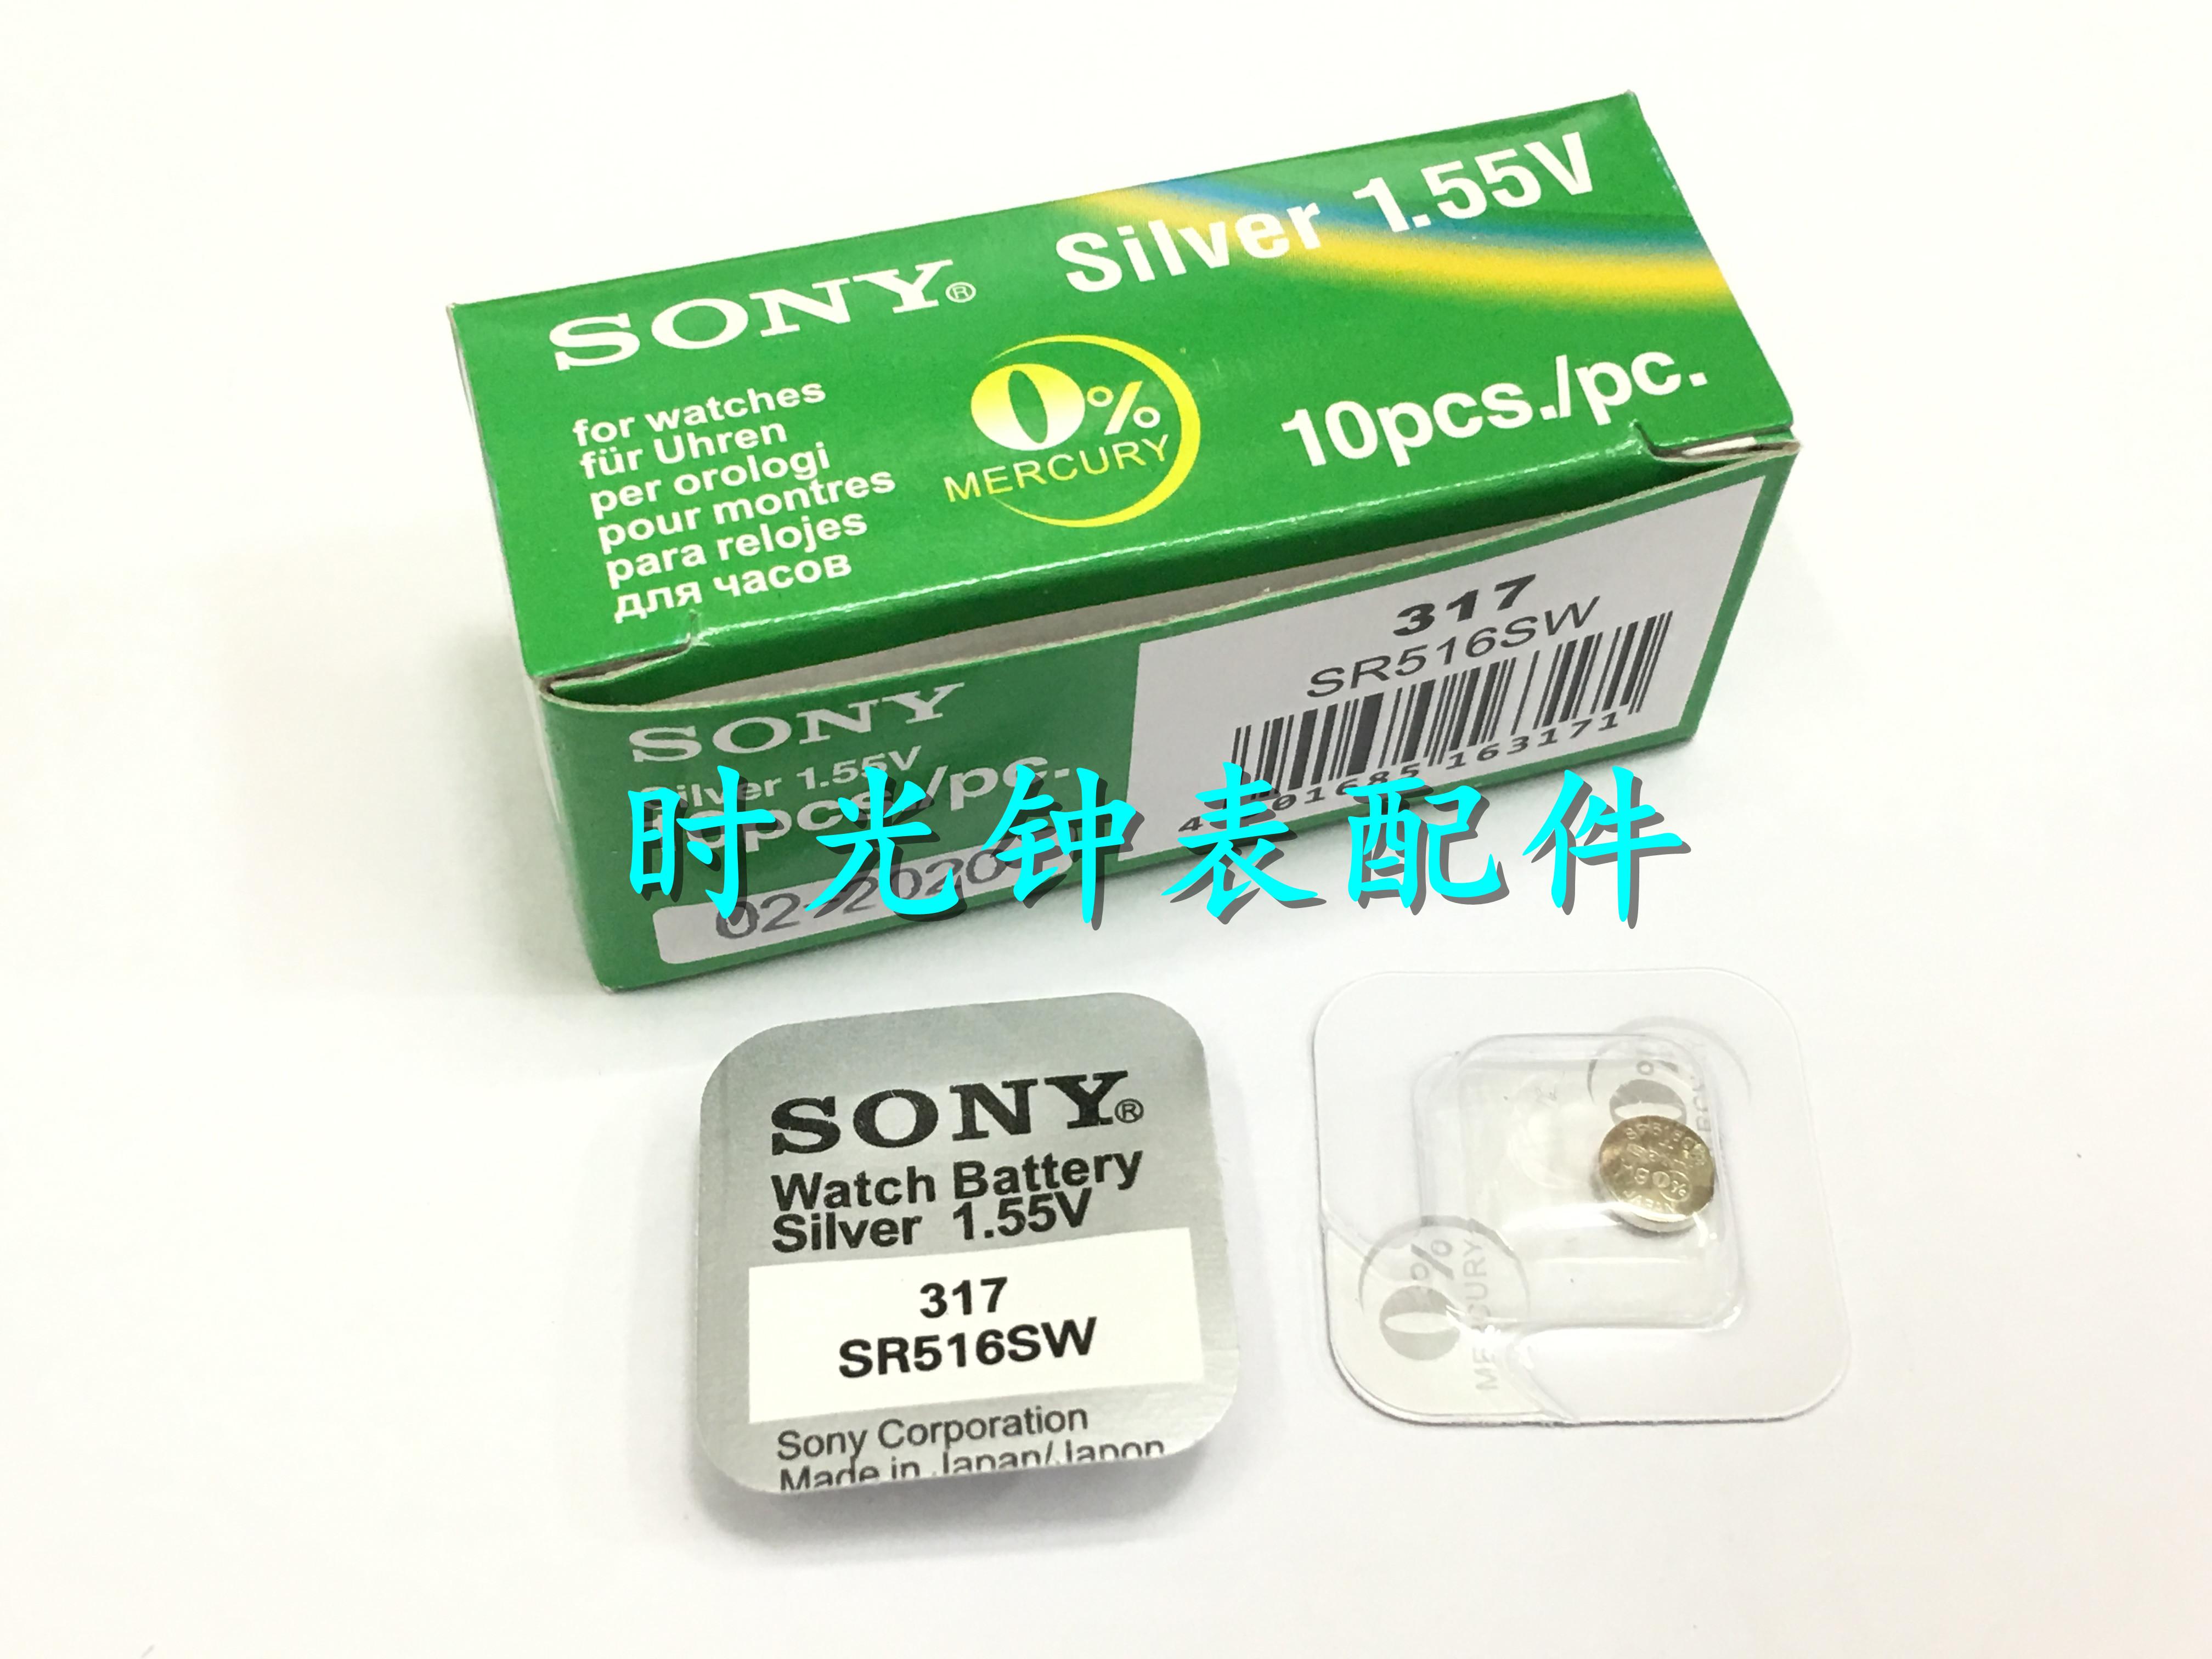 原装正品 SONY 索尼317/SR516SW 氧化银1.55V 纽扣式手表电池